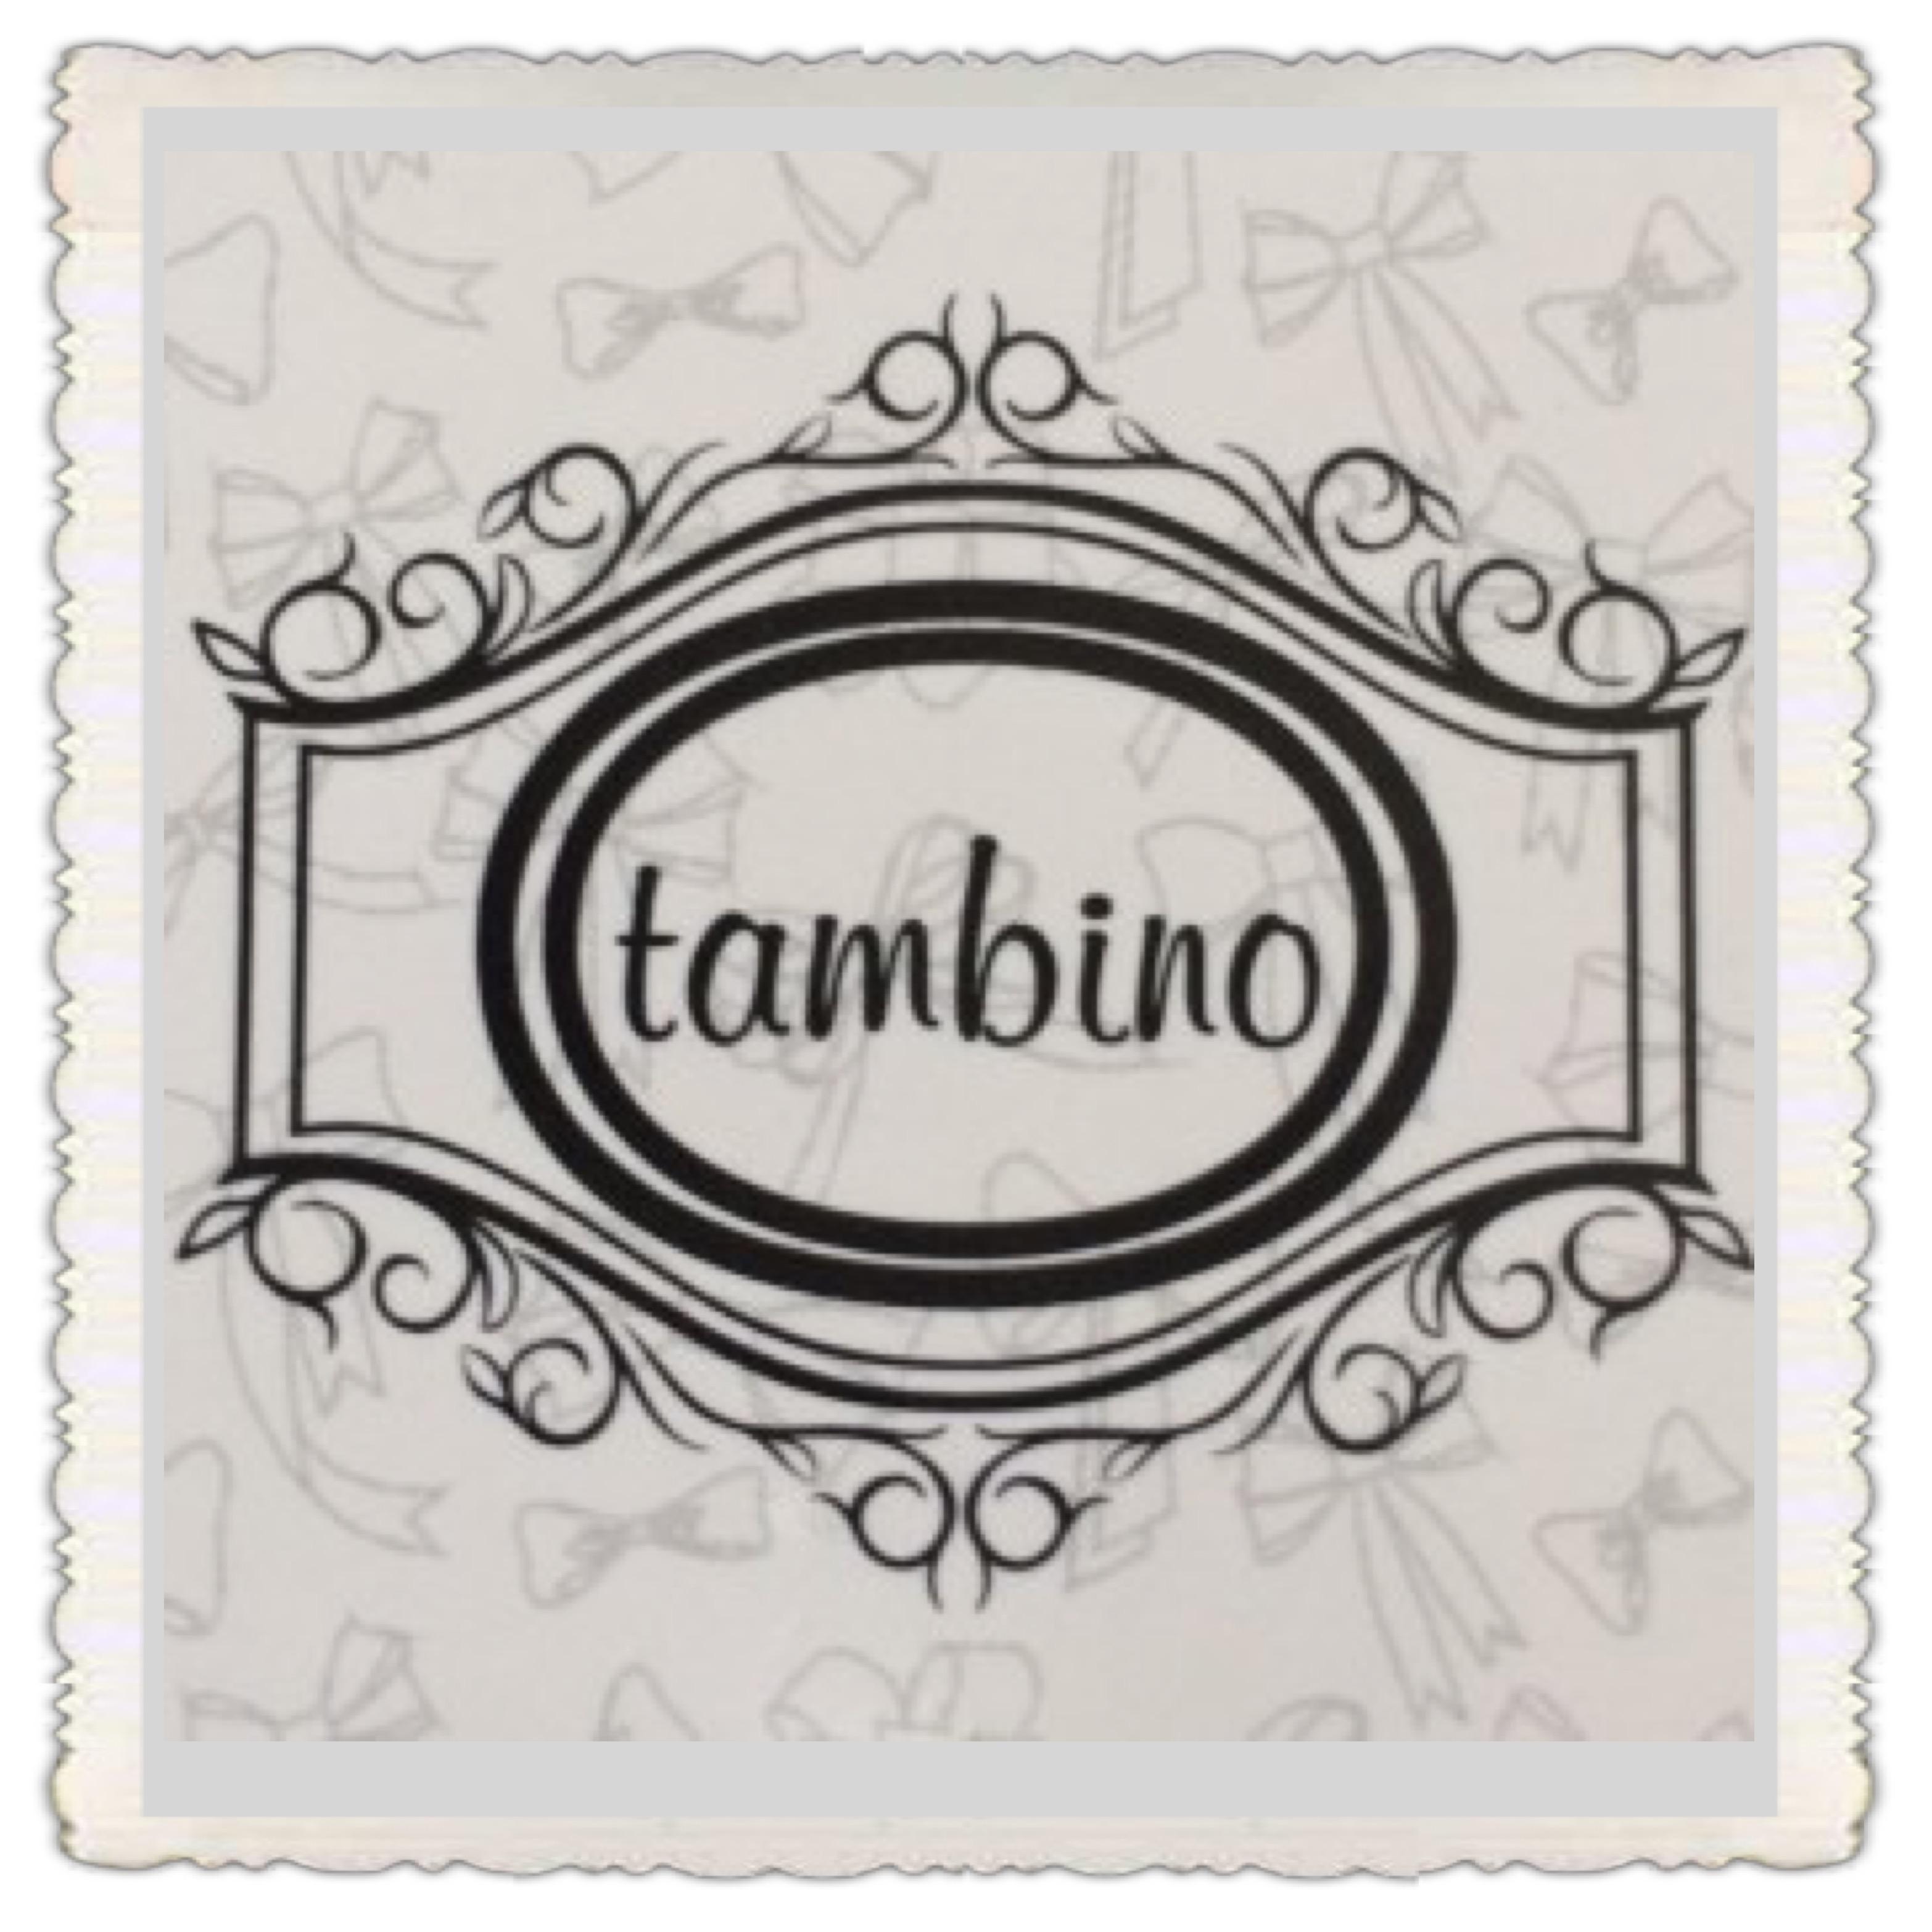 Tambino